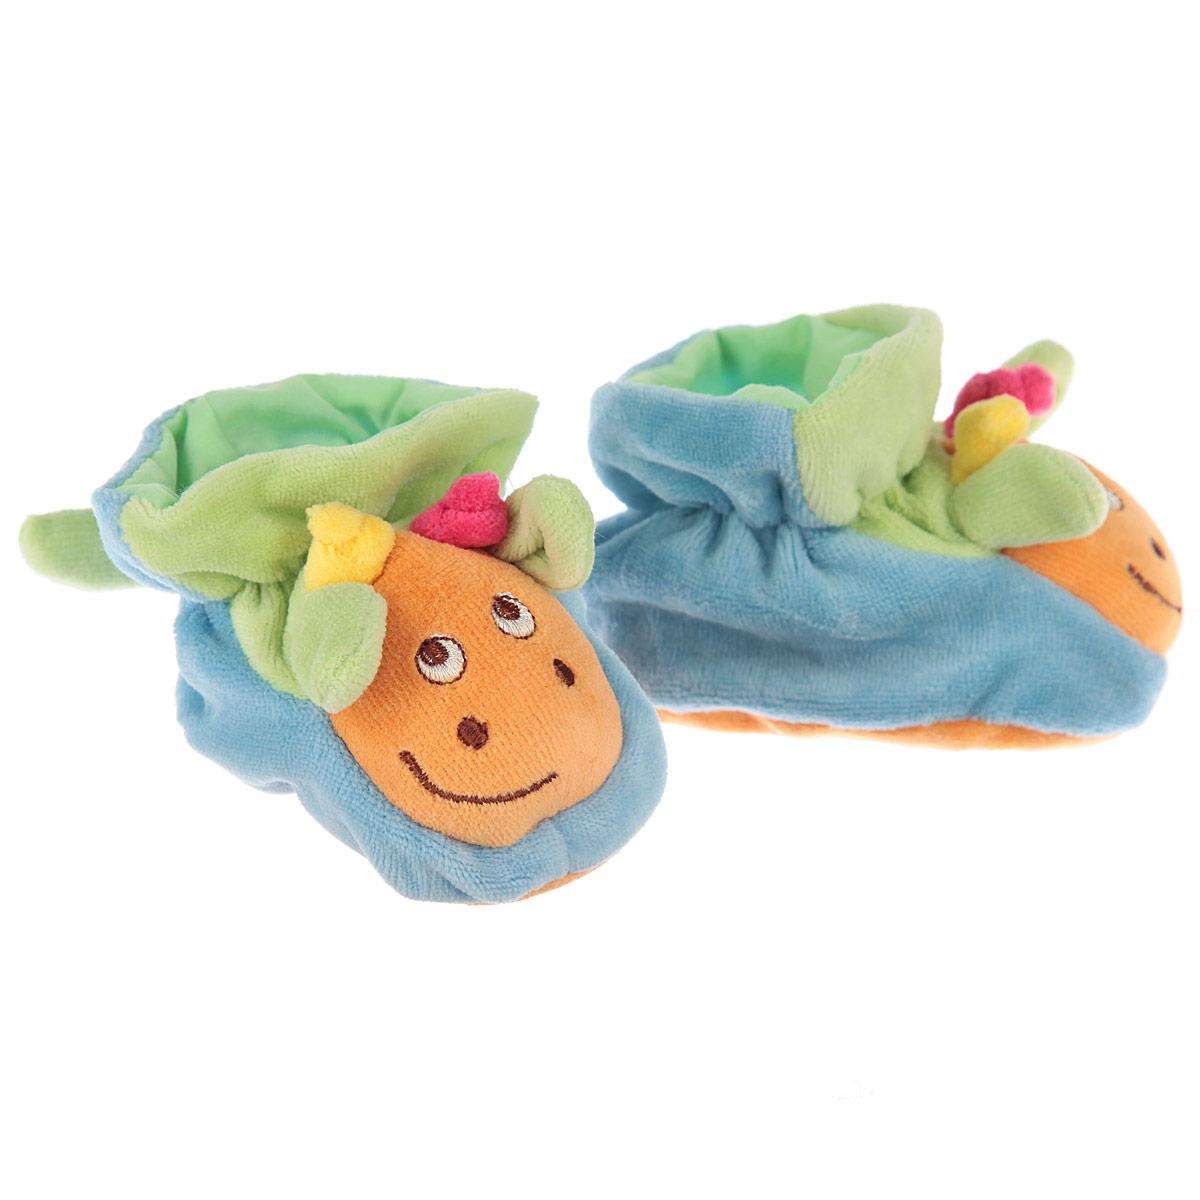 ПинеткиР47061Очаровательные пинетки Baby Nice Жирафики идеально подойдут для маленьких ножек вашего крохи! Они очень нежные и приятные на ощупь, не раздражают кожу и хорошо вентилируются. В хлопковых велюровых пинетках ножка малыша дышит и не мерзнет - созданы все комфортные условия, для того, чтобы подумать о первых шагах! Пинетки изготовлены из очень мягкого и приятного на ощупь ворсистого материала - 100% хлопка и оформлены объемной головой в виде жирафика. Благодаря скрытой эластичной резинке пинетки будут отлично держаться на ножке младенца. Подошва выполнена в контрастном цвете. Такие пинетки - отличное решение для малышей и их родителей!